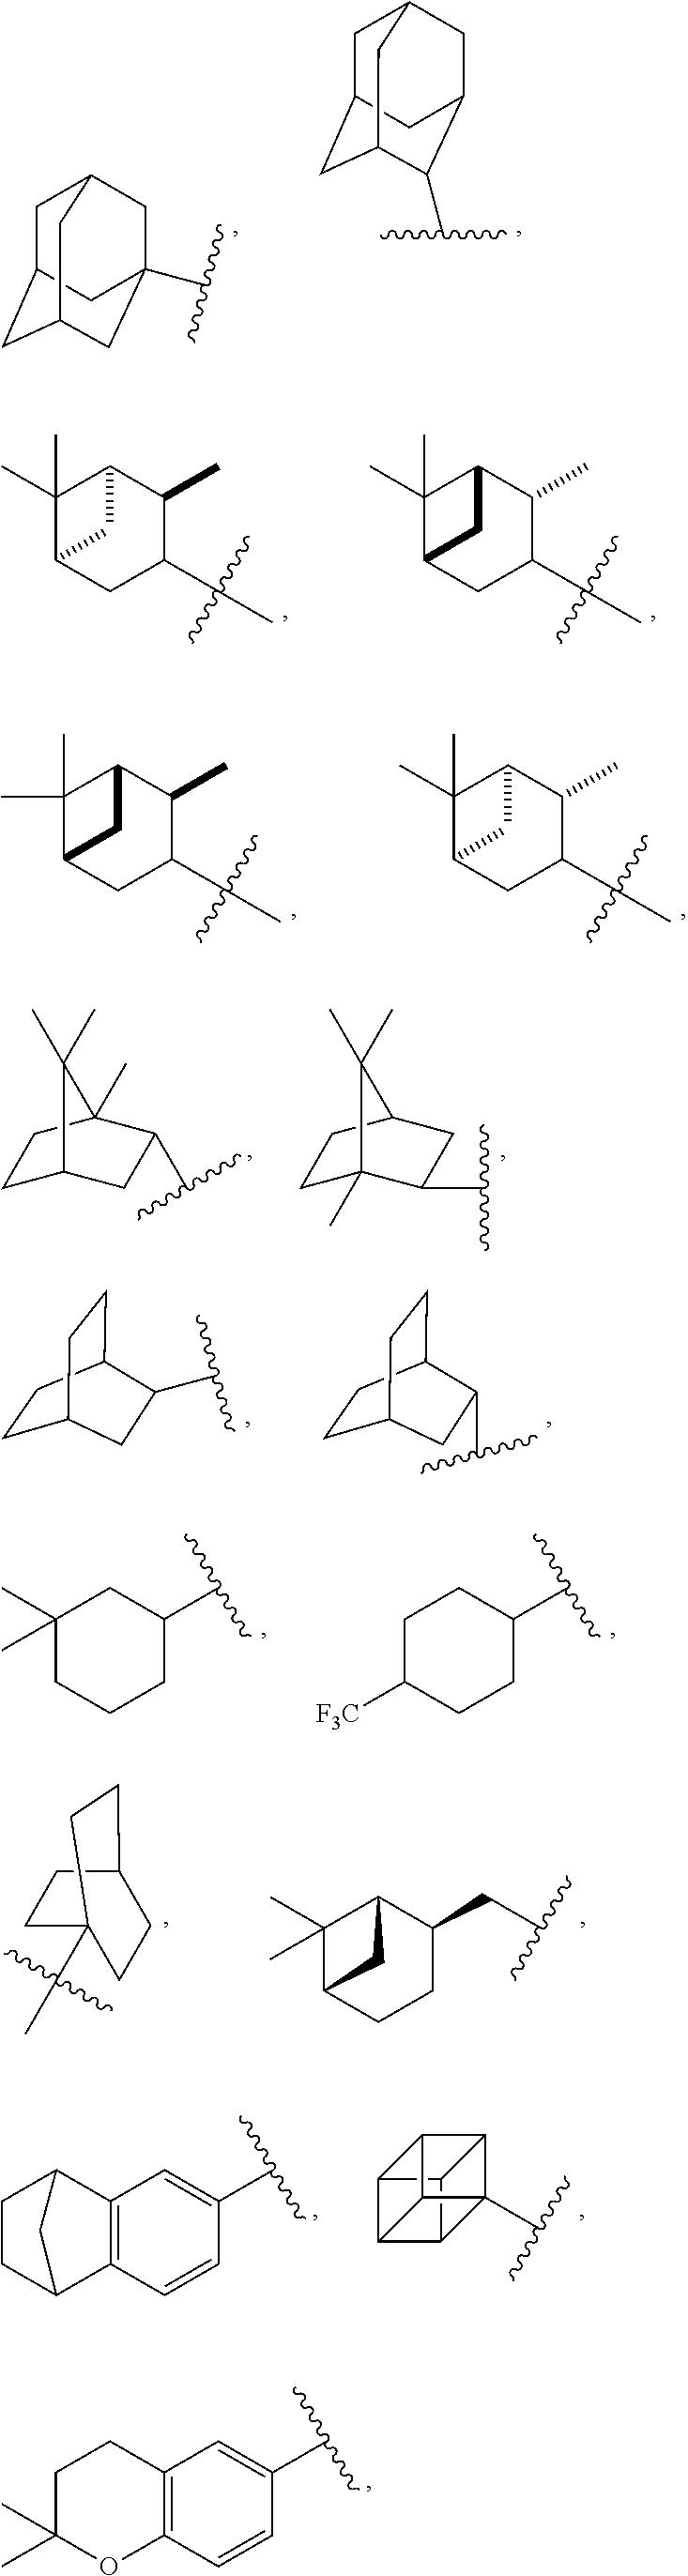 Figure US08933236-20150113-C00014